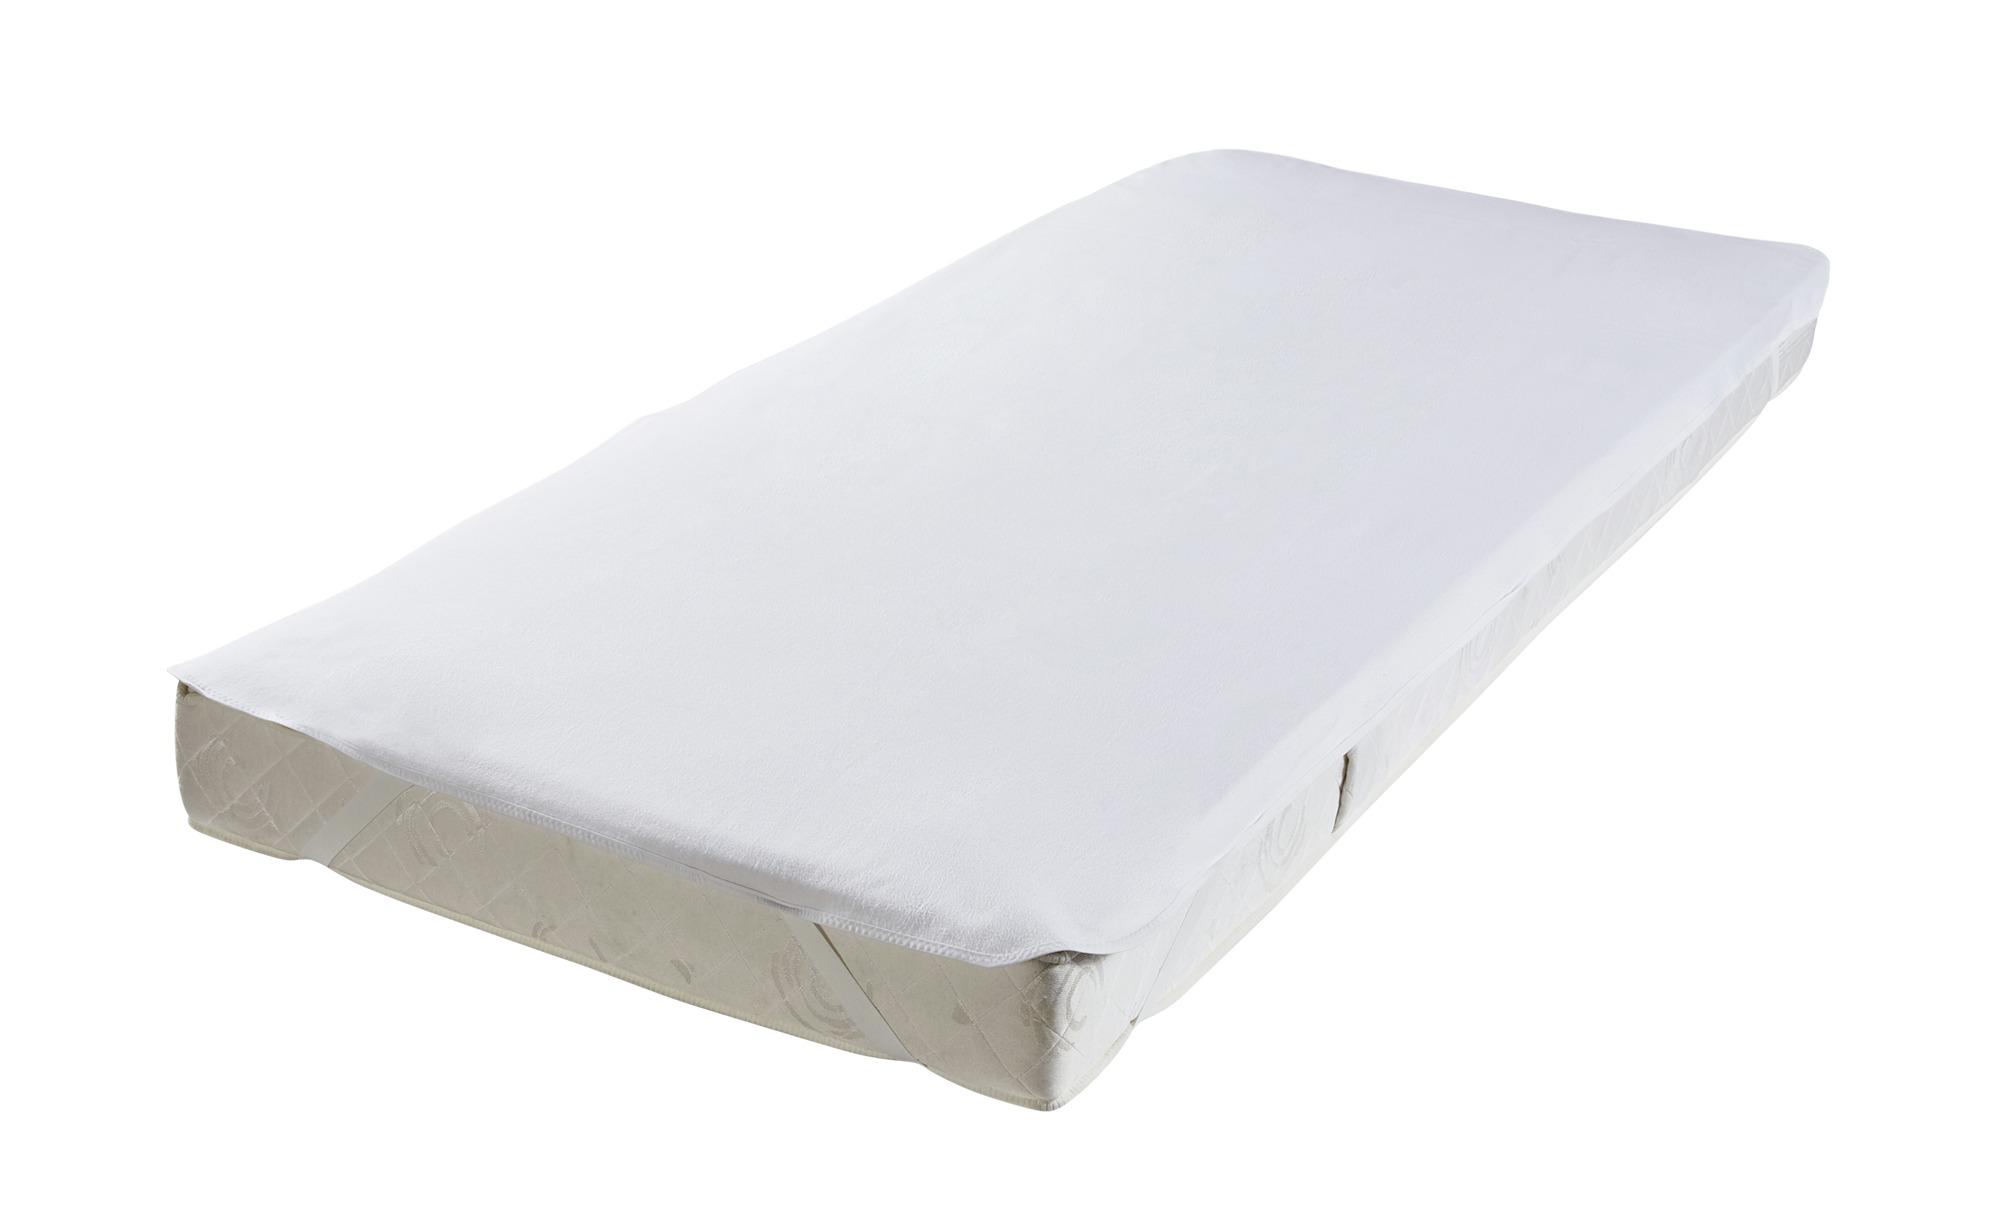 LAVIDA Molton-Matratzenauflage - weiß - 100% Baumwolle - 80 cm - Sconto